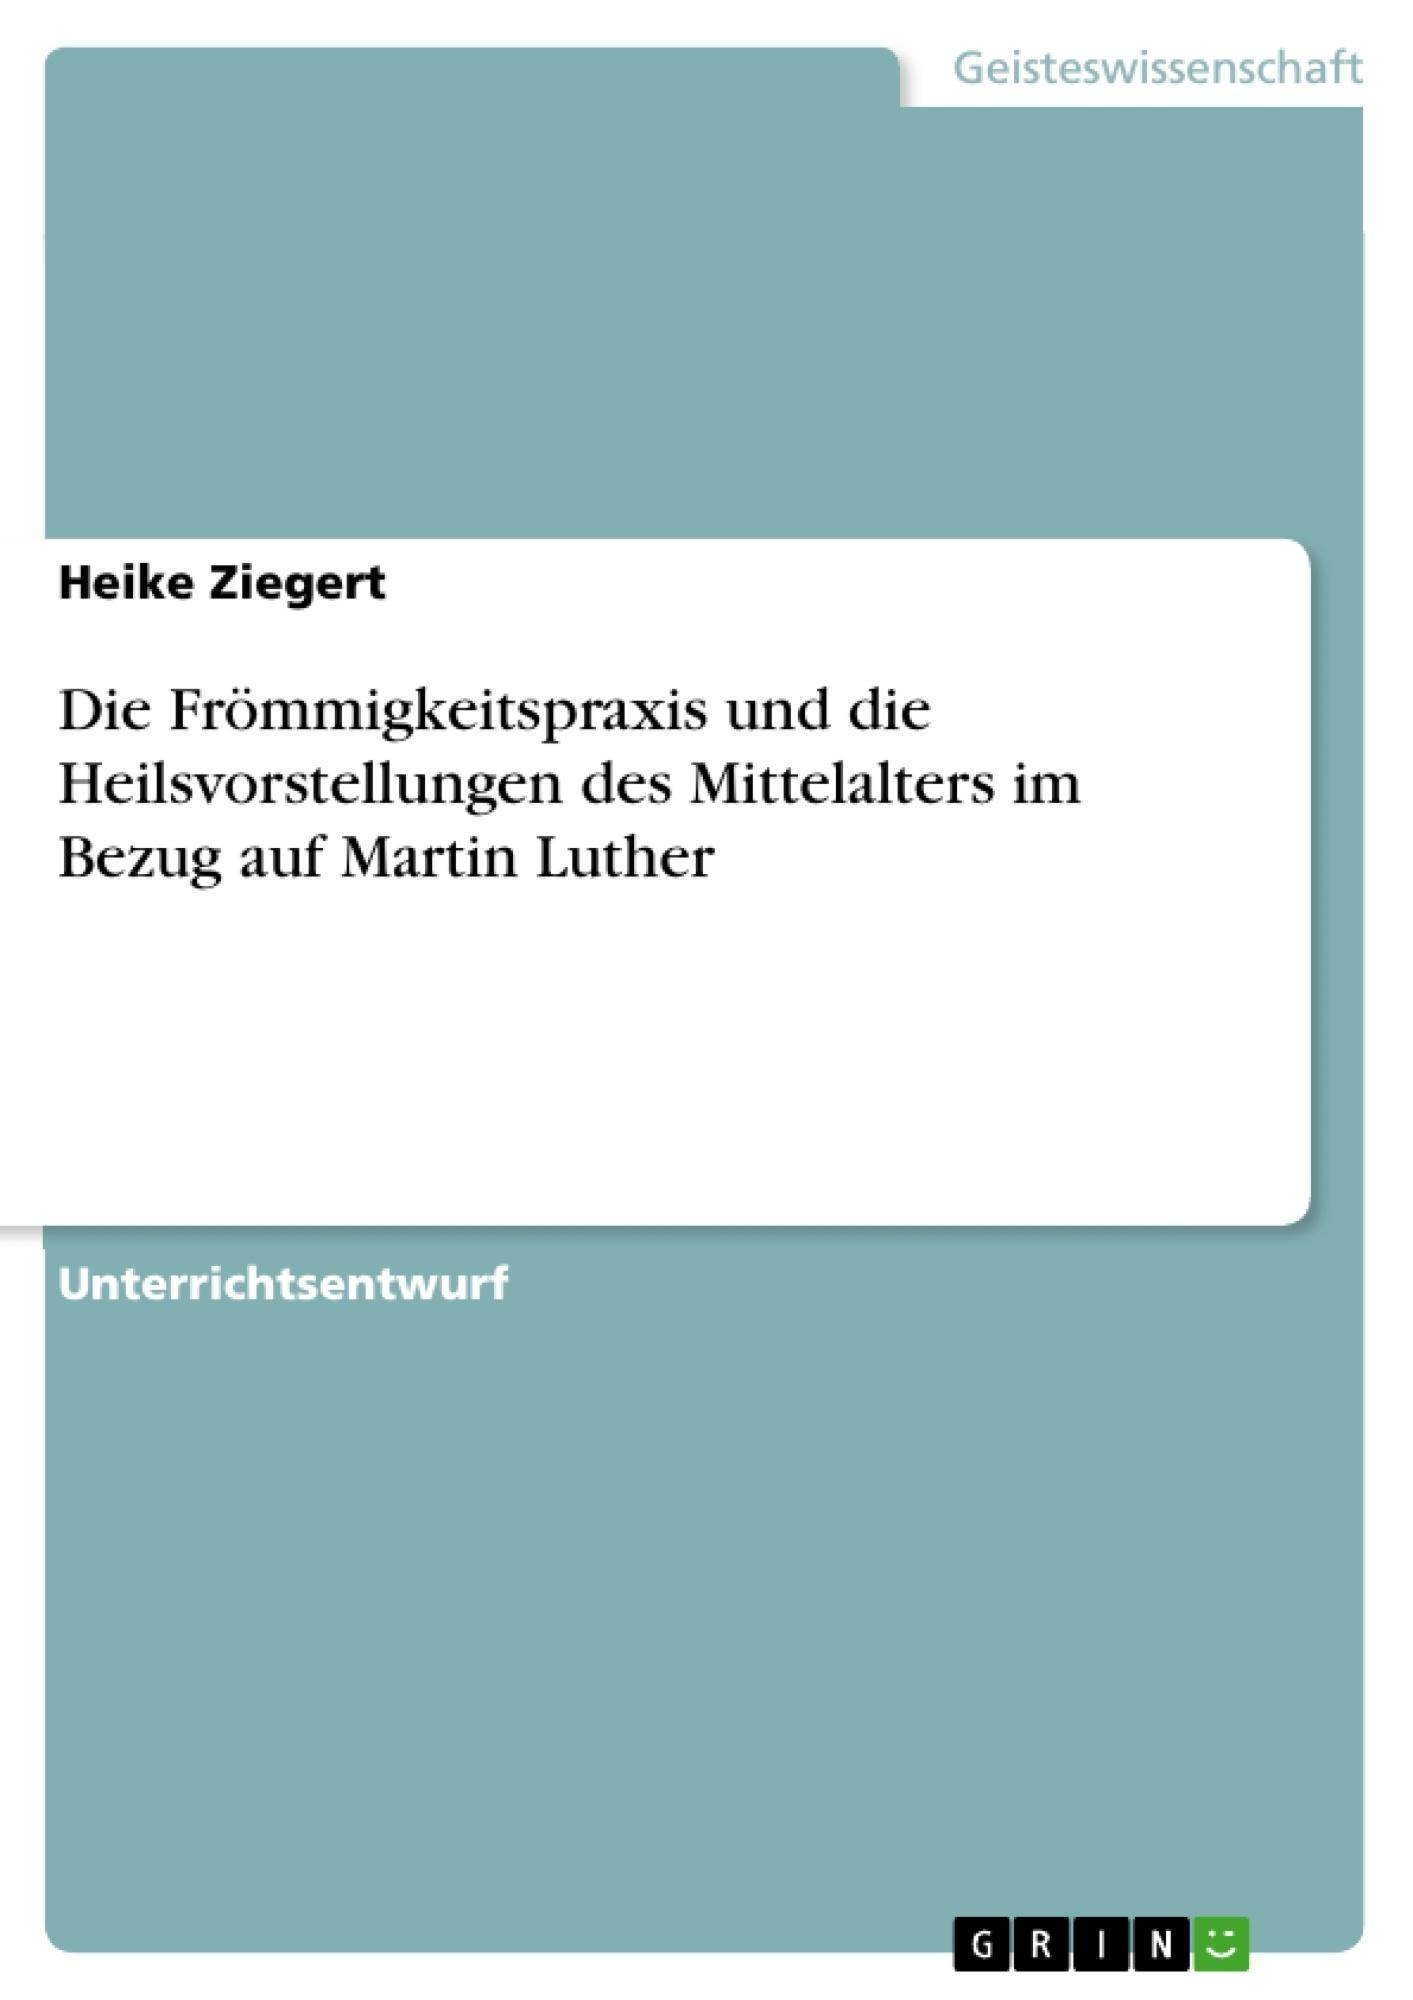 Titel: Die Frömmigkeitspraxis und die Heilsvorstellungen des Mittelalters im Bezug auf Martin Luther